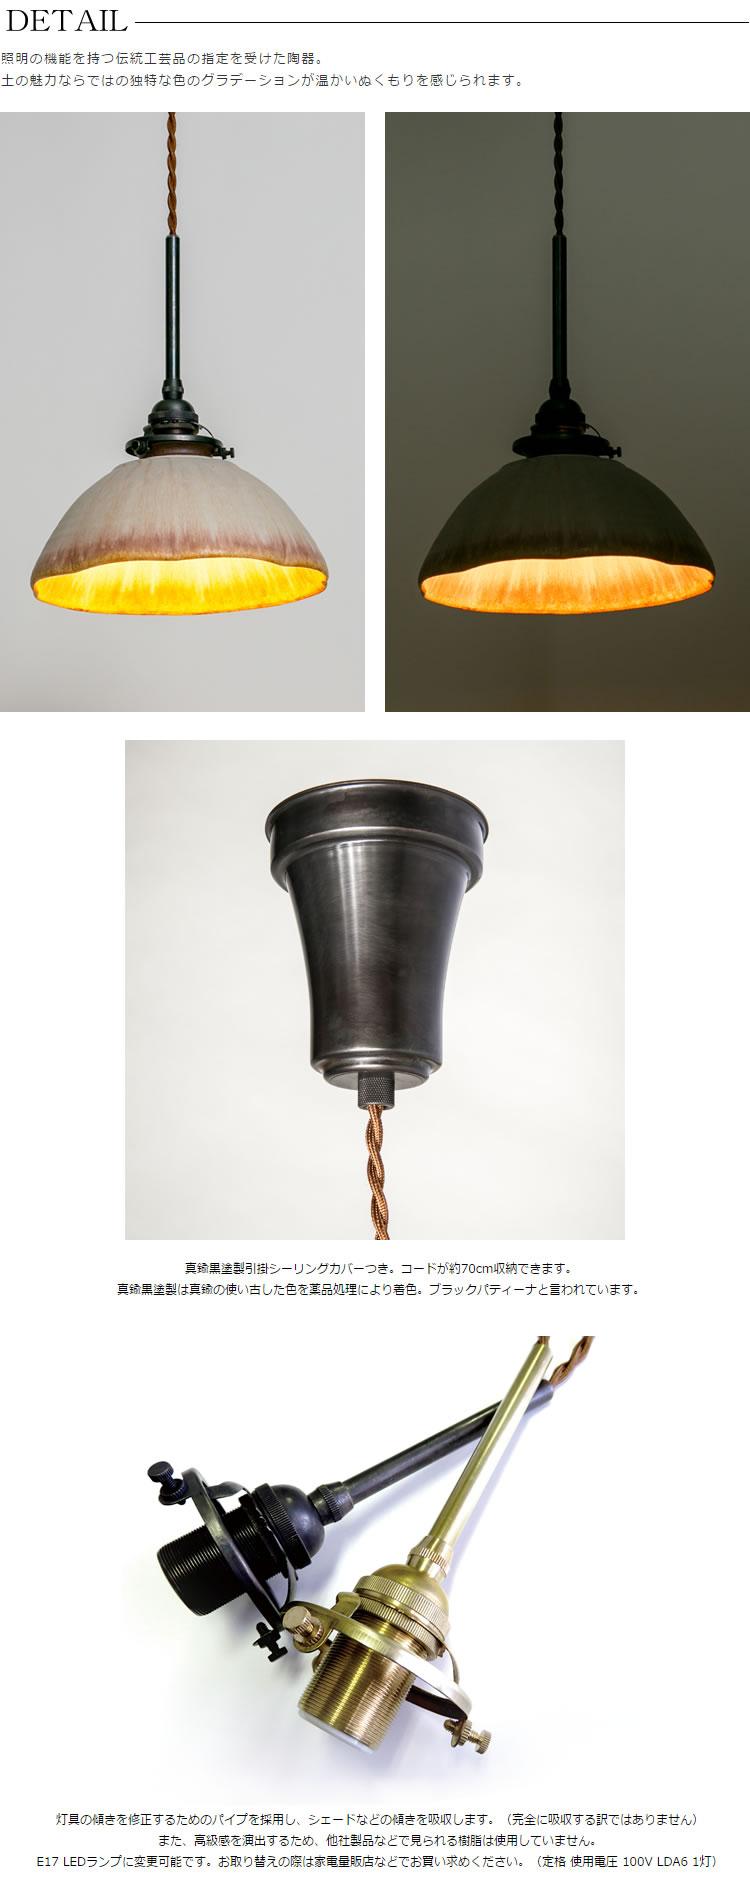 HASU(茶模様陶器・引掛・真鍮黒染)